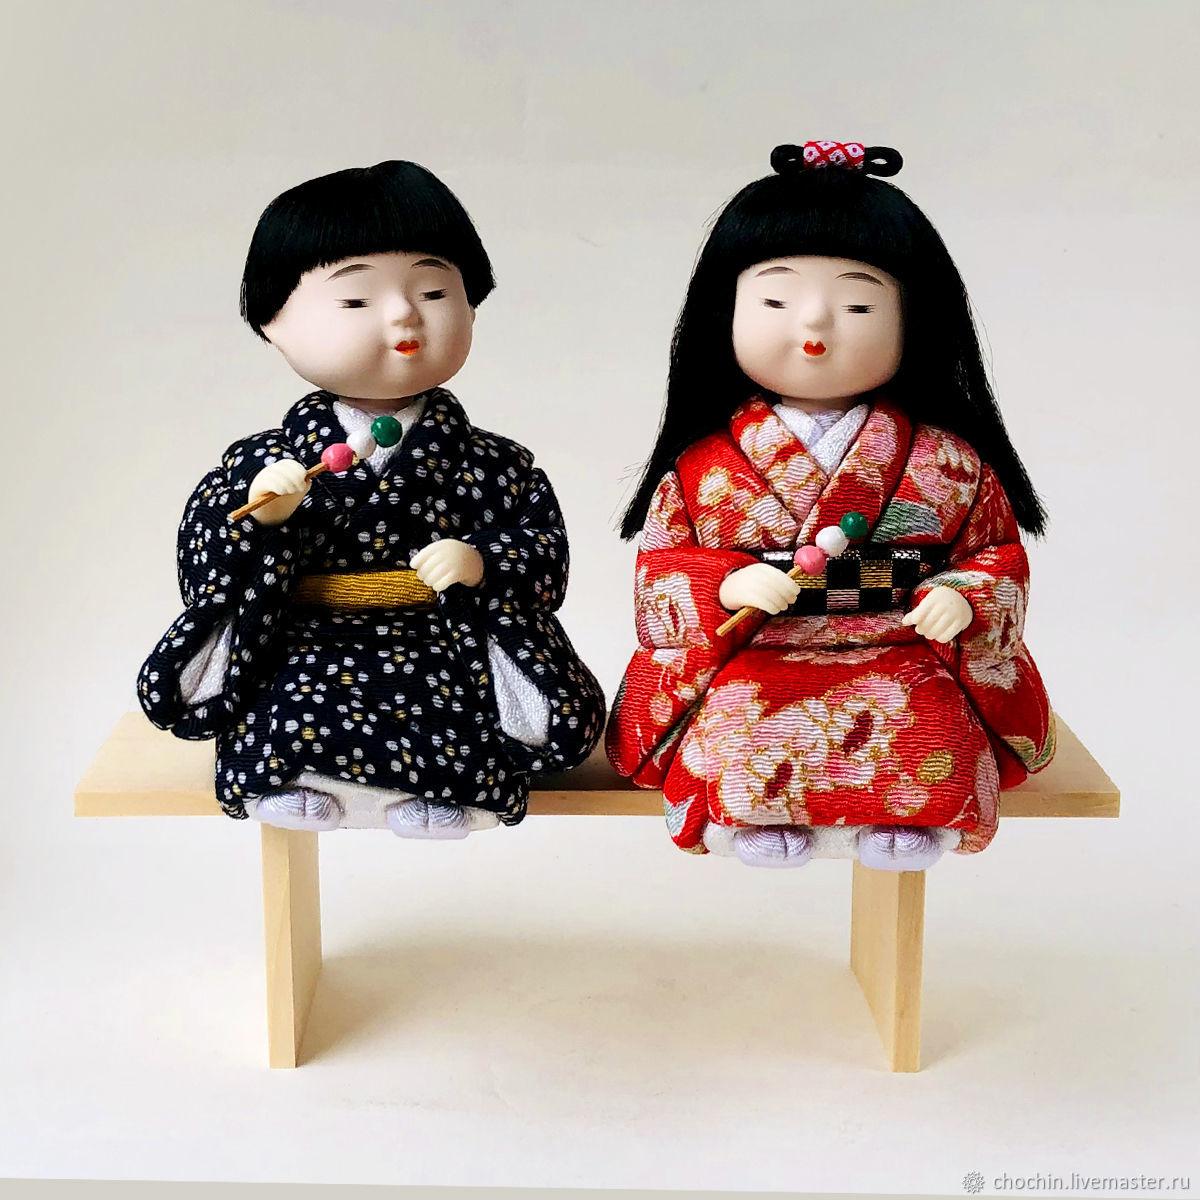 Первая любовь - интерьерные коллекционные куклы кимекоми Хина мацури, Куклы и пупсы, Москва,  Фото №1